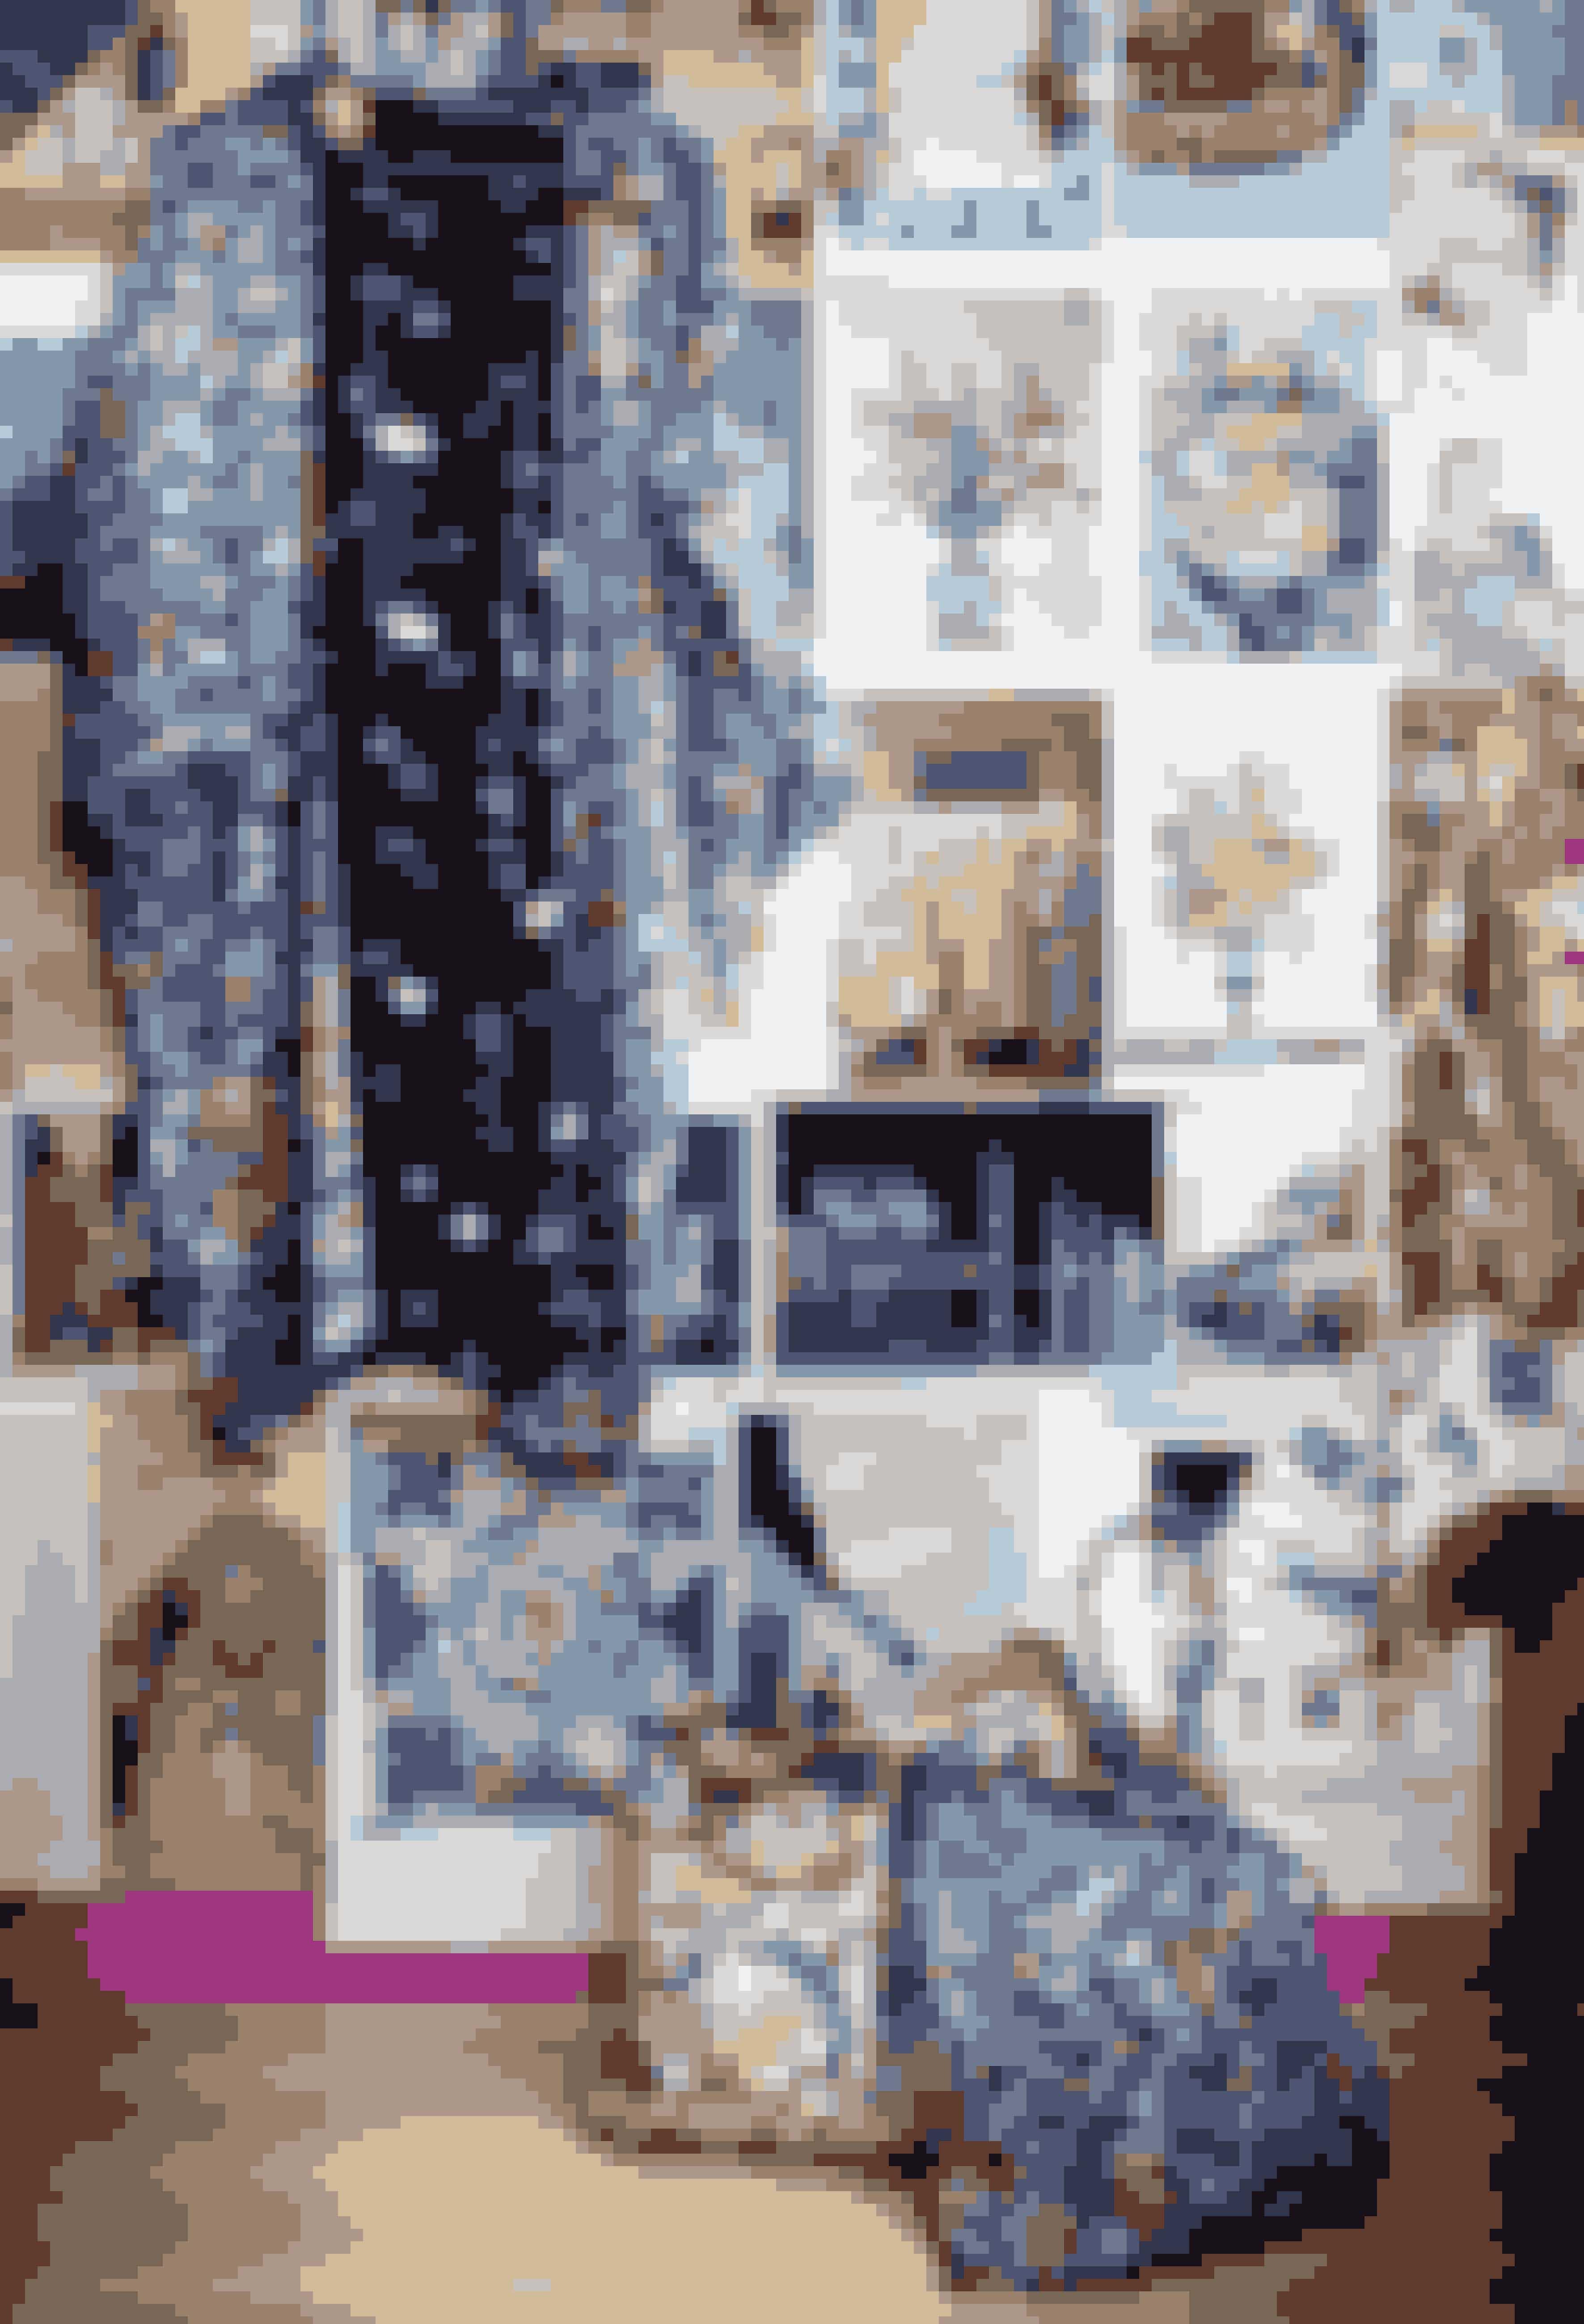 På en stor opslagstavle i stuen fæstner Tatiana billeder, hun synes, er smukke og inspirerende – forstørrelser af postkort og fotokopier fra bøger. Kimonoen er fra Tatianas FW15-kollektion ligesom tasken i samme tekstil. Den anden taske er fra SS17.